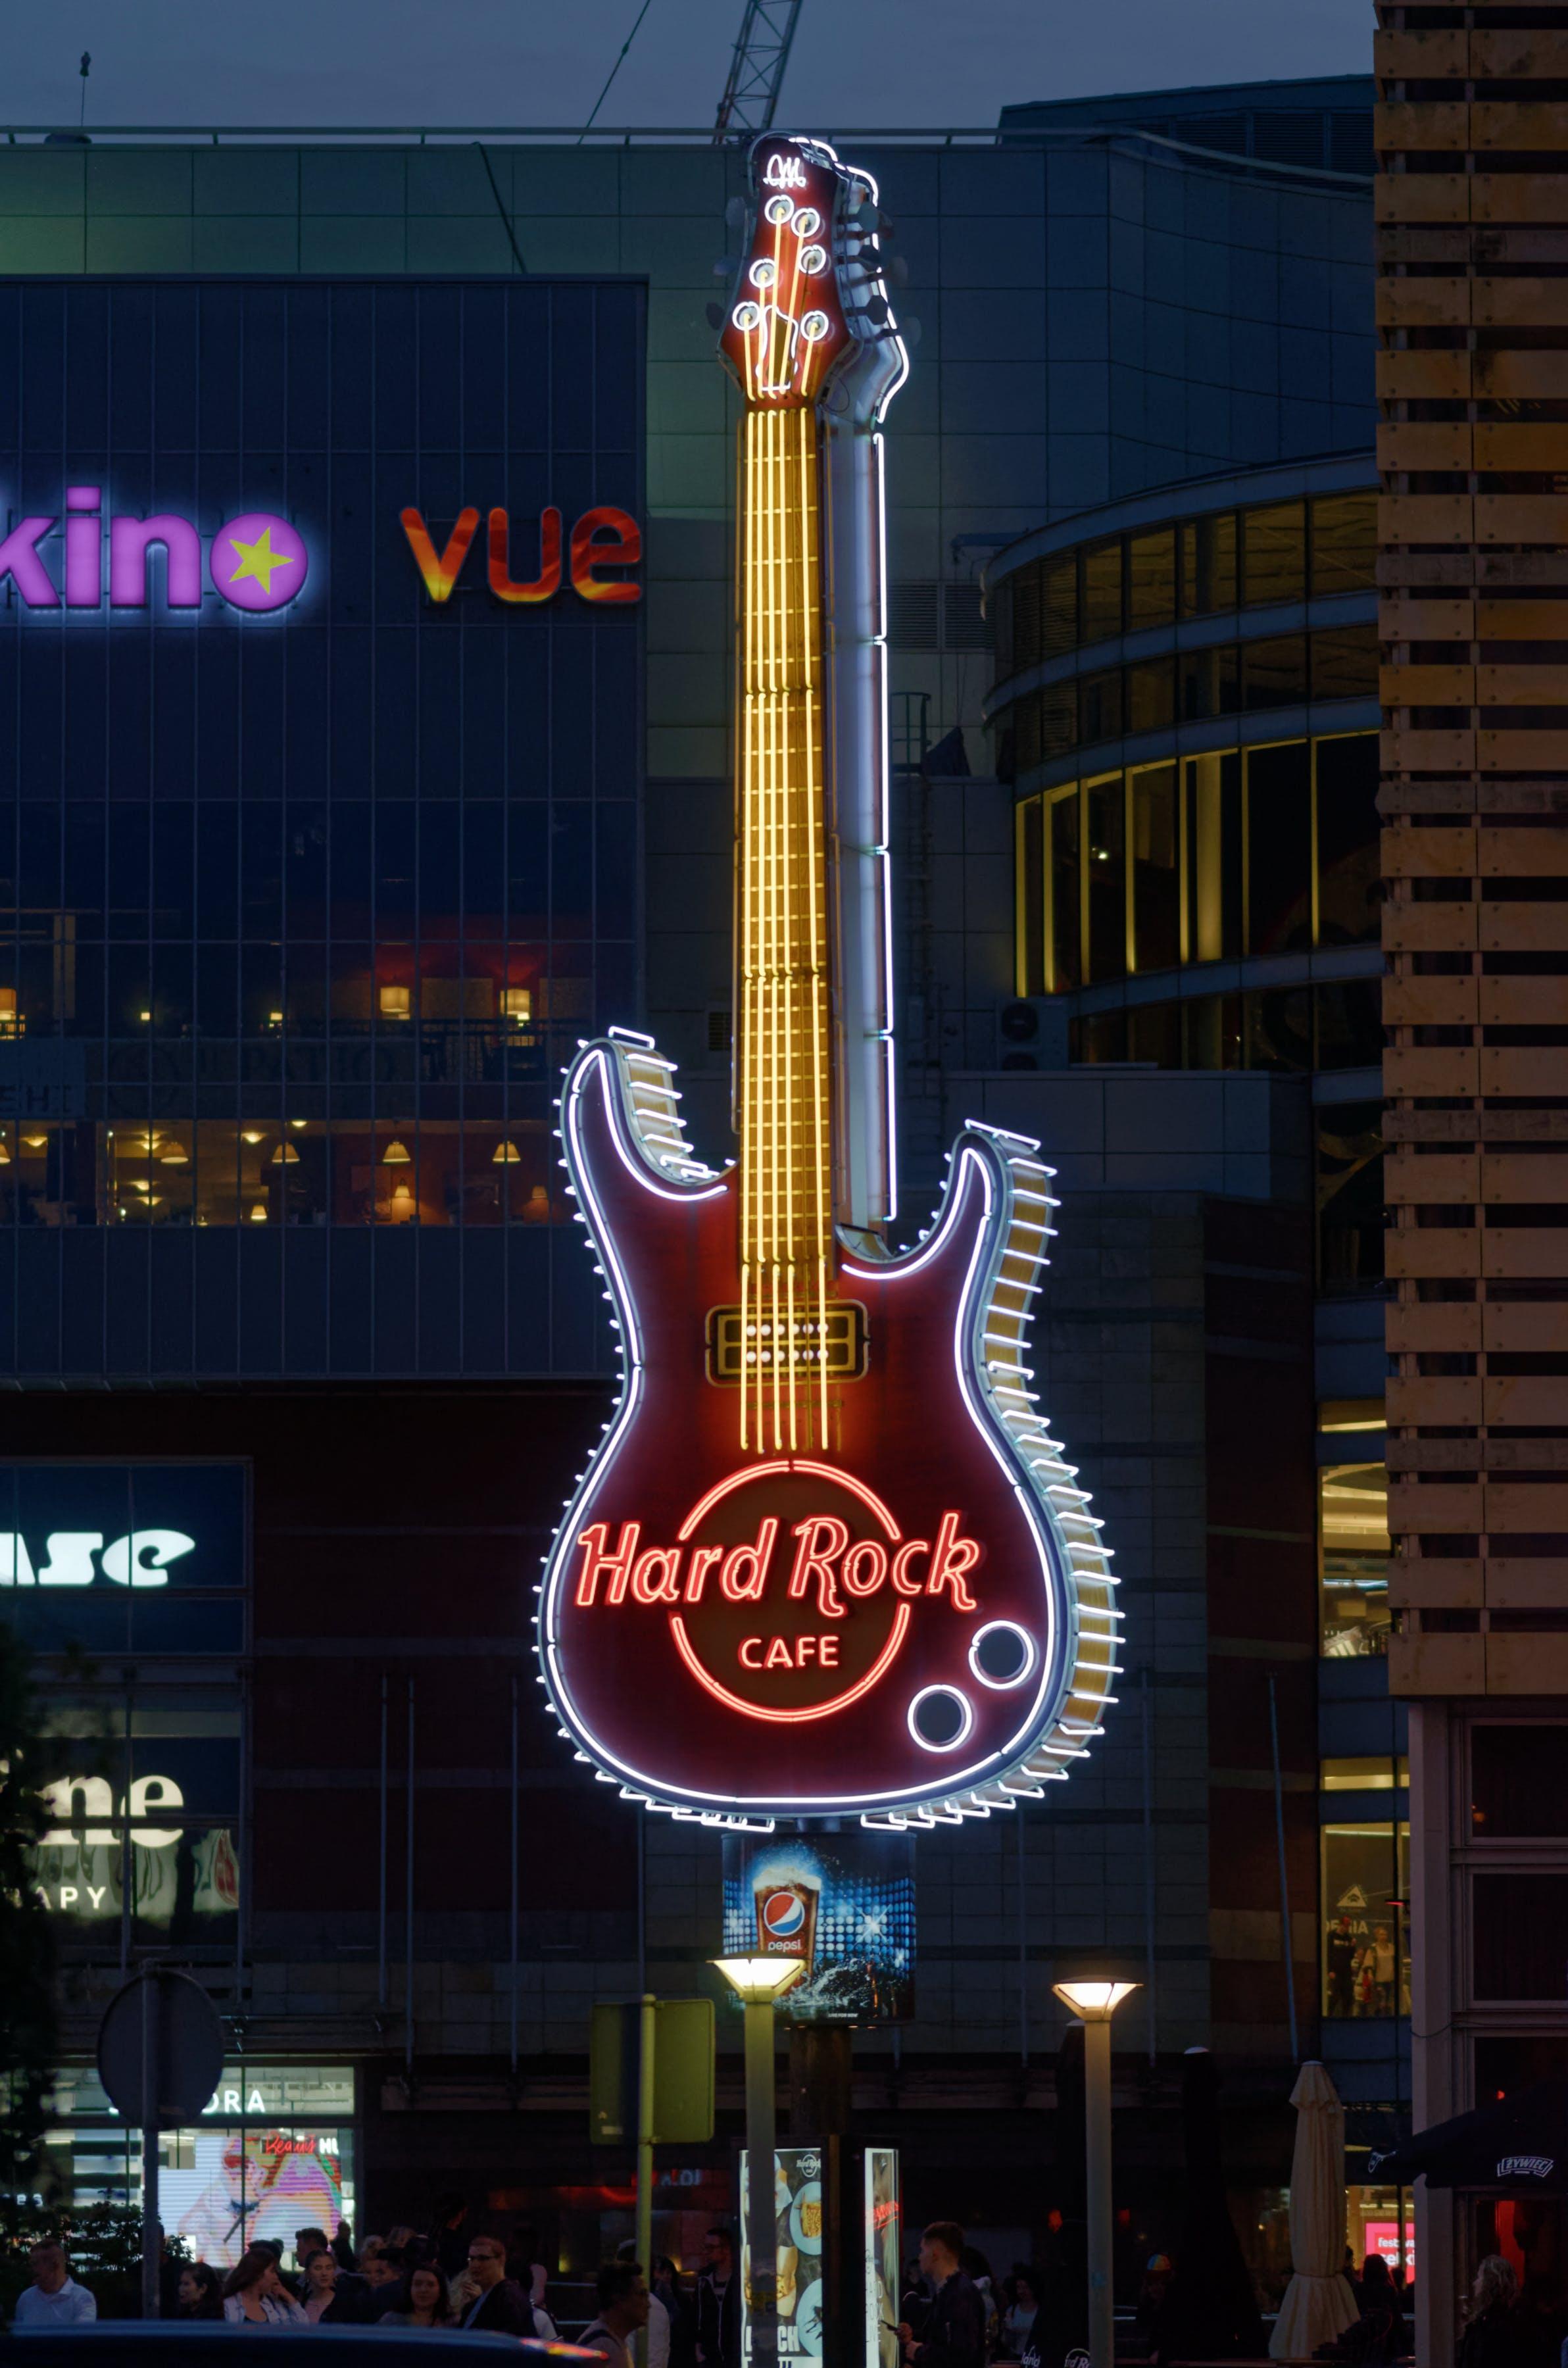 거대한, 건물, 광고하는, 기타의 무료 스톡 사진